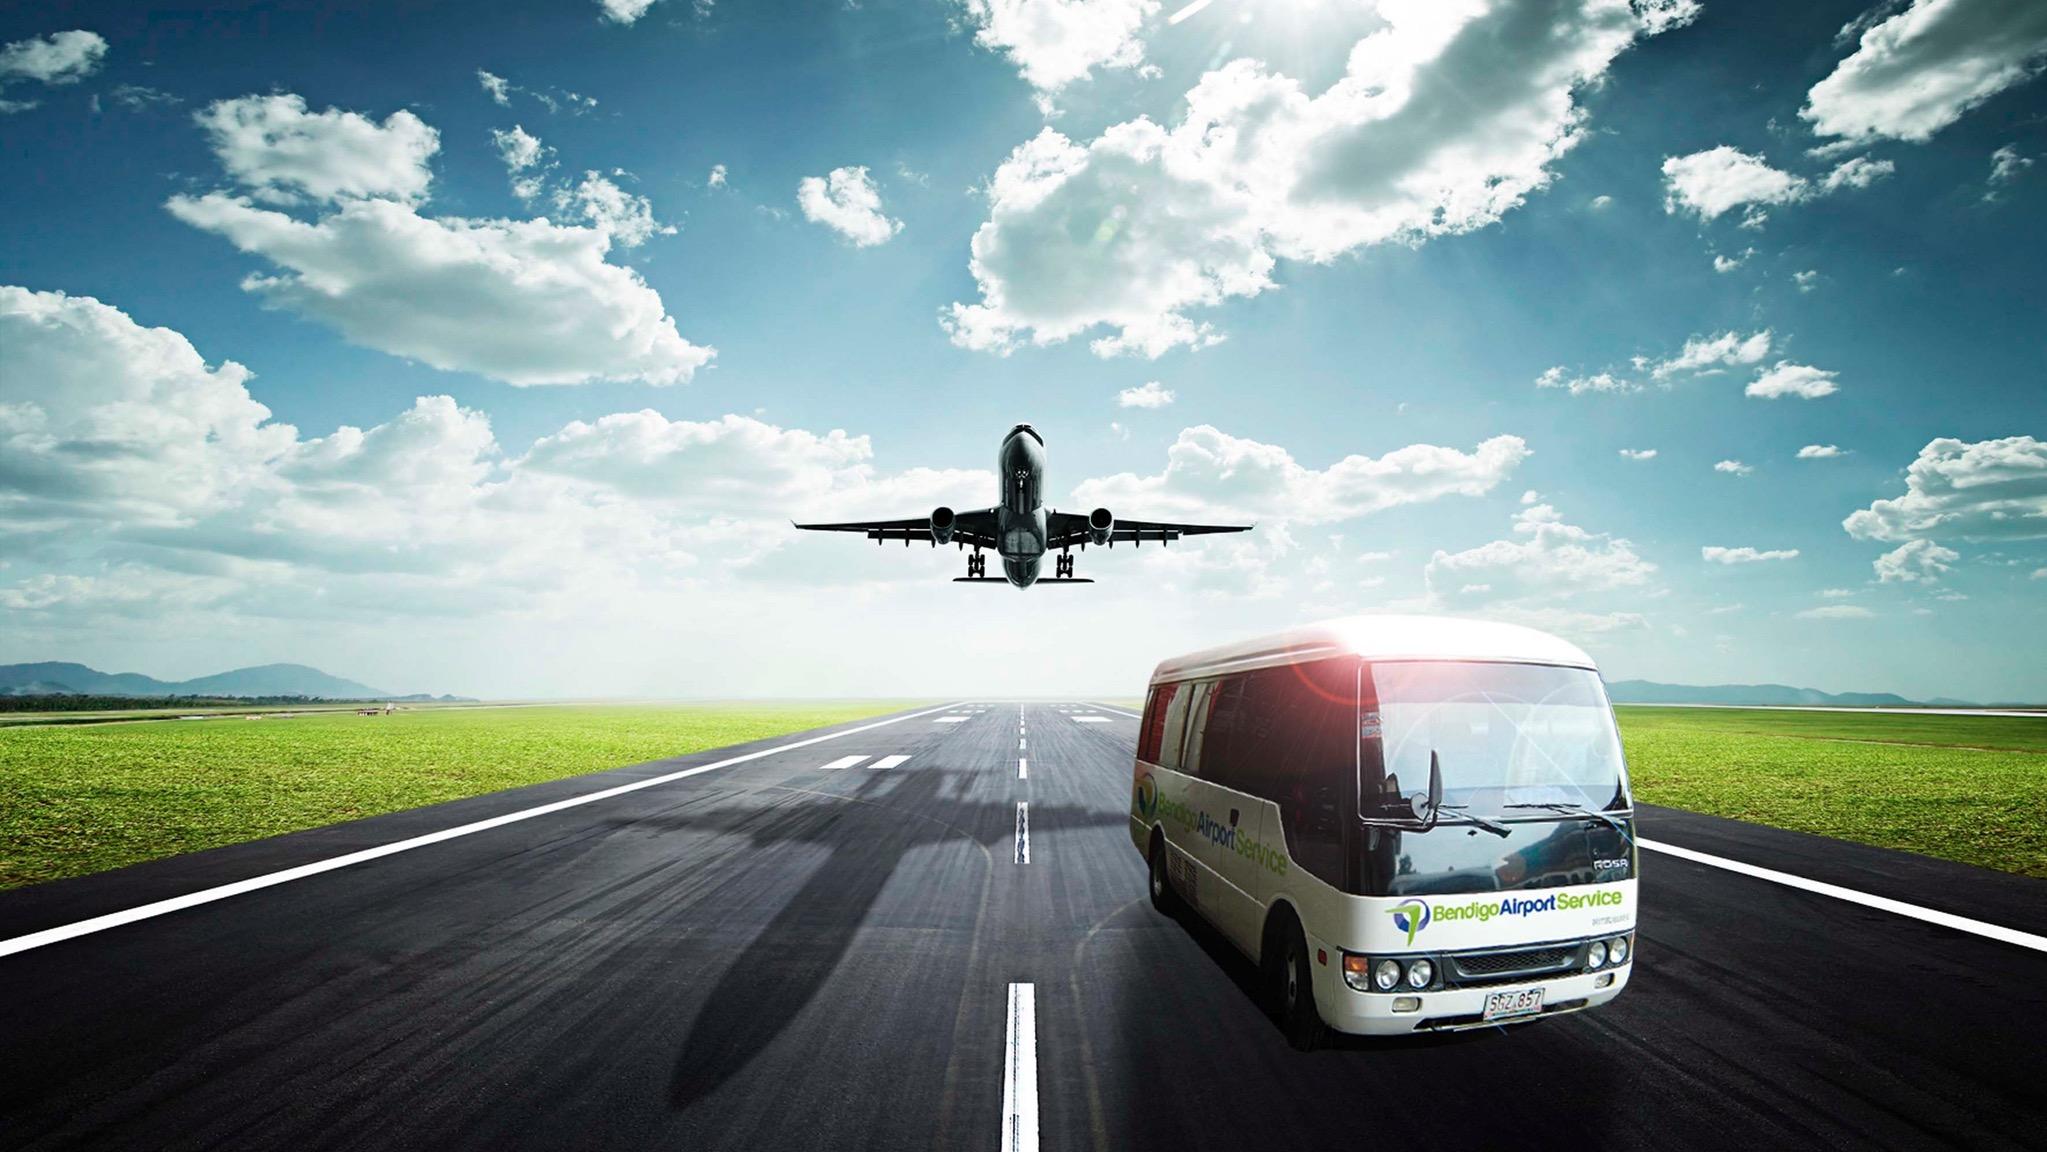 Bus-Airport-mockup